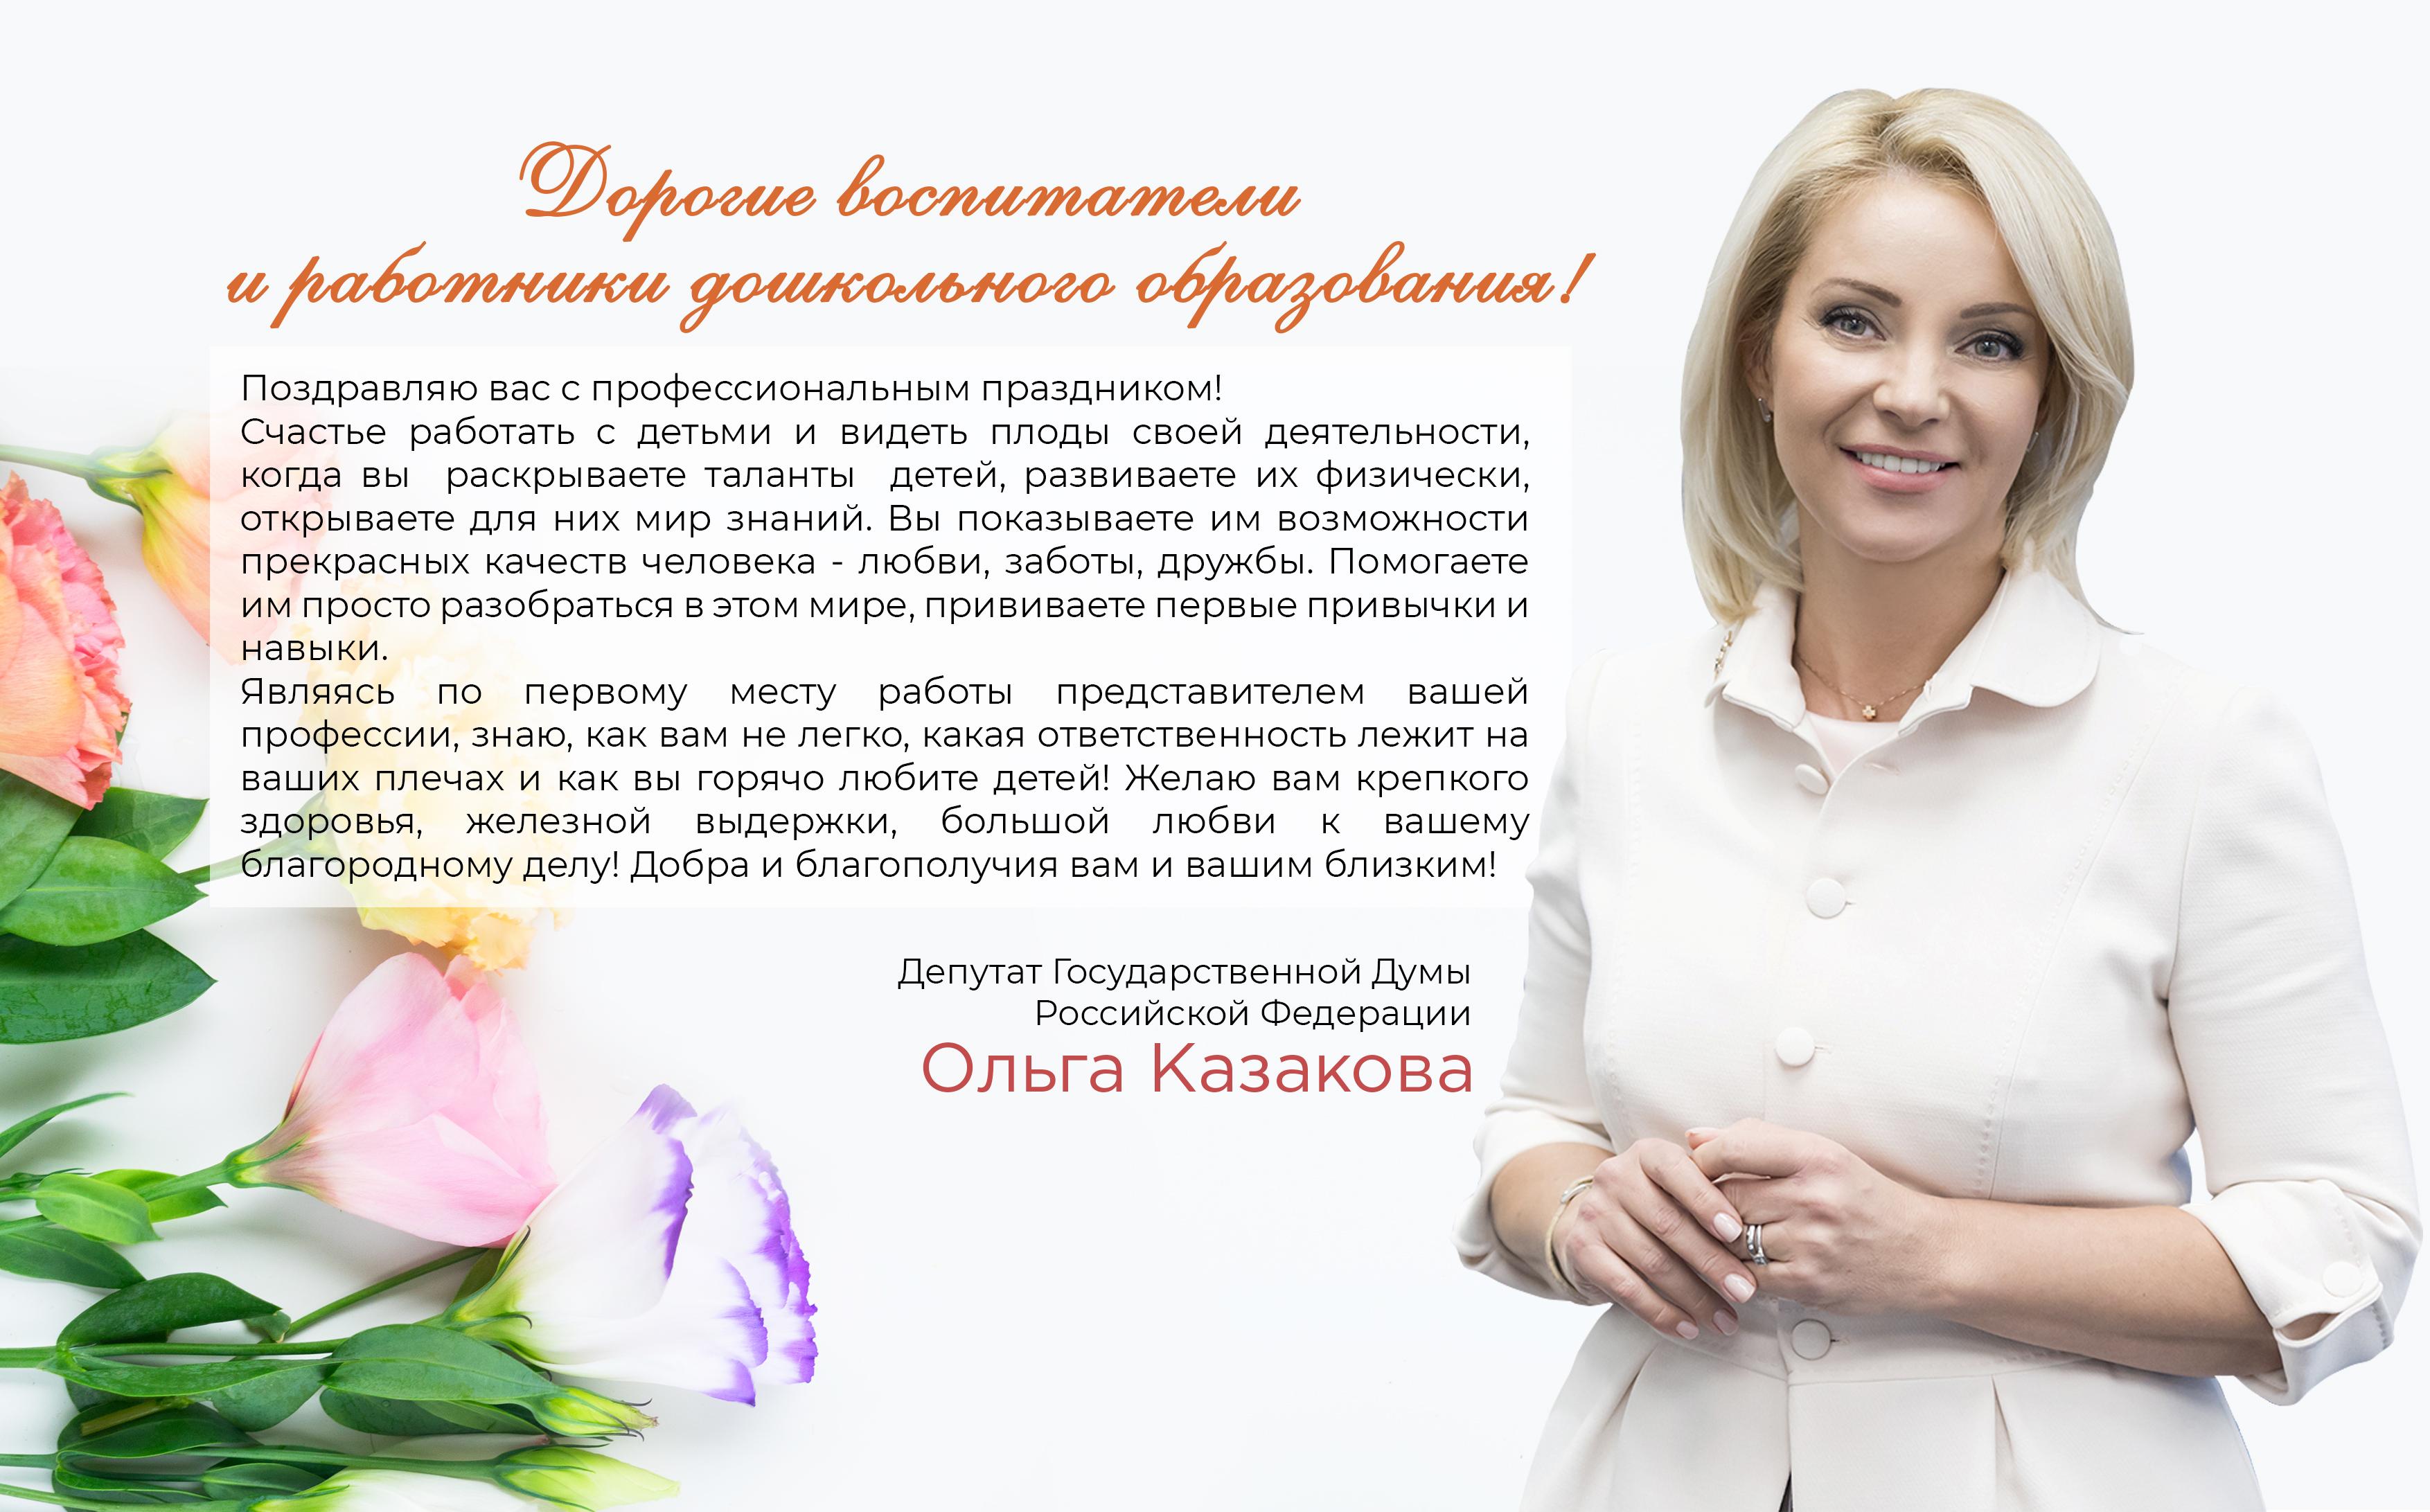 Официальные поздравления женщин-депутатов